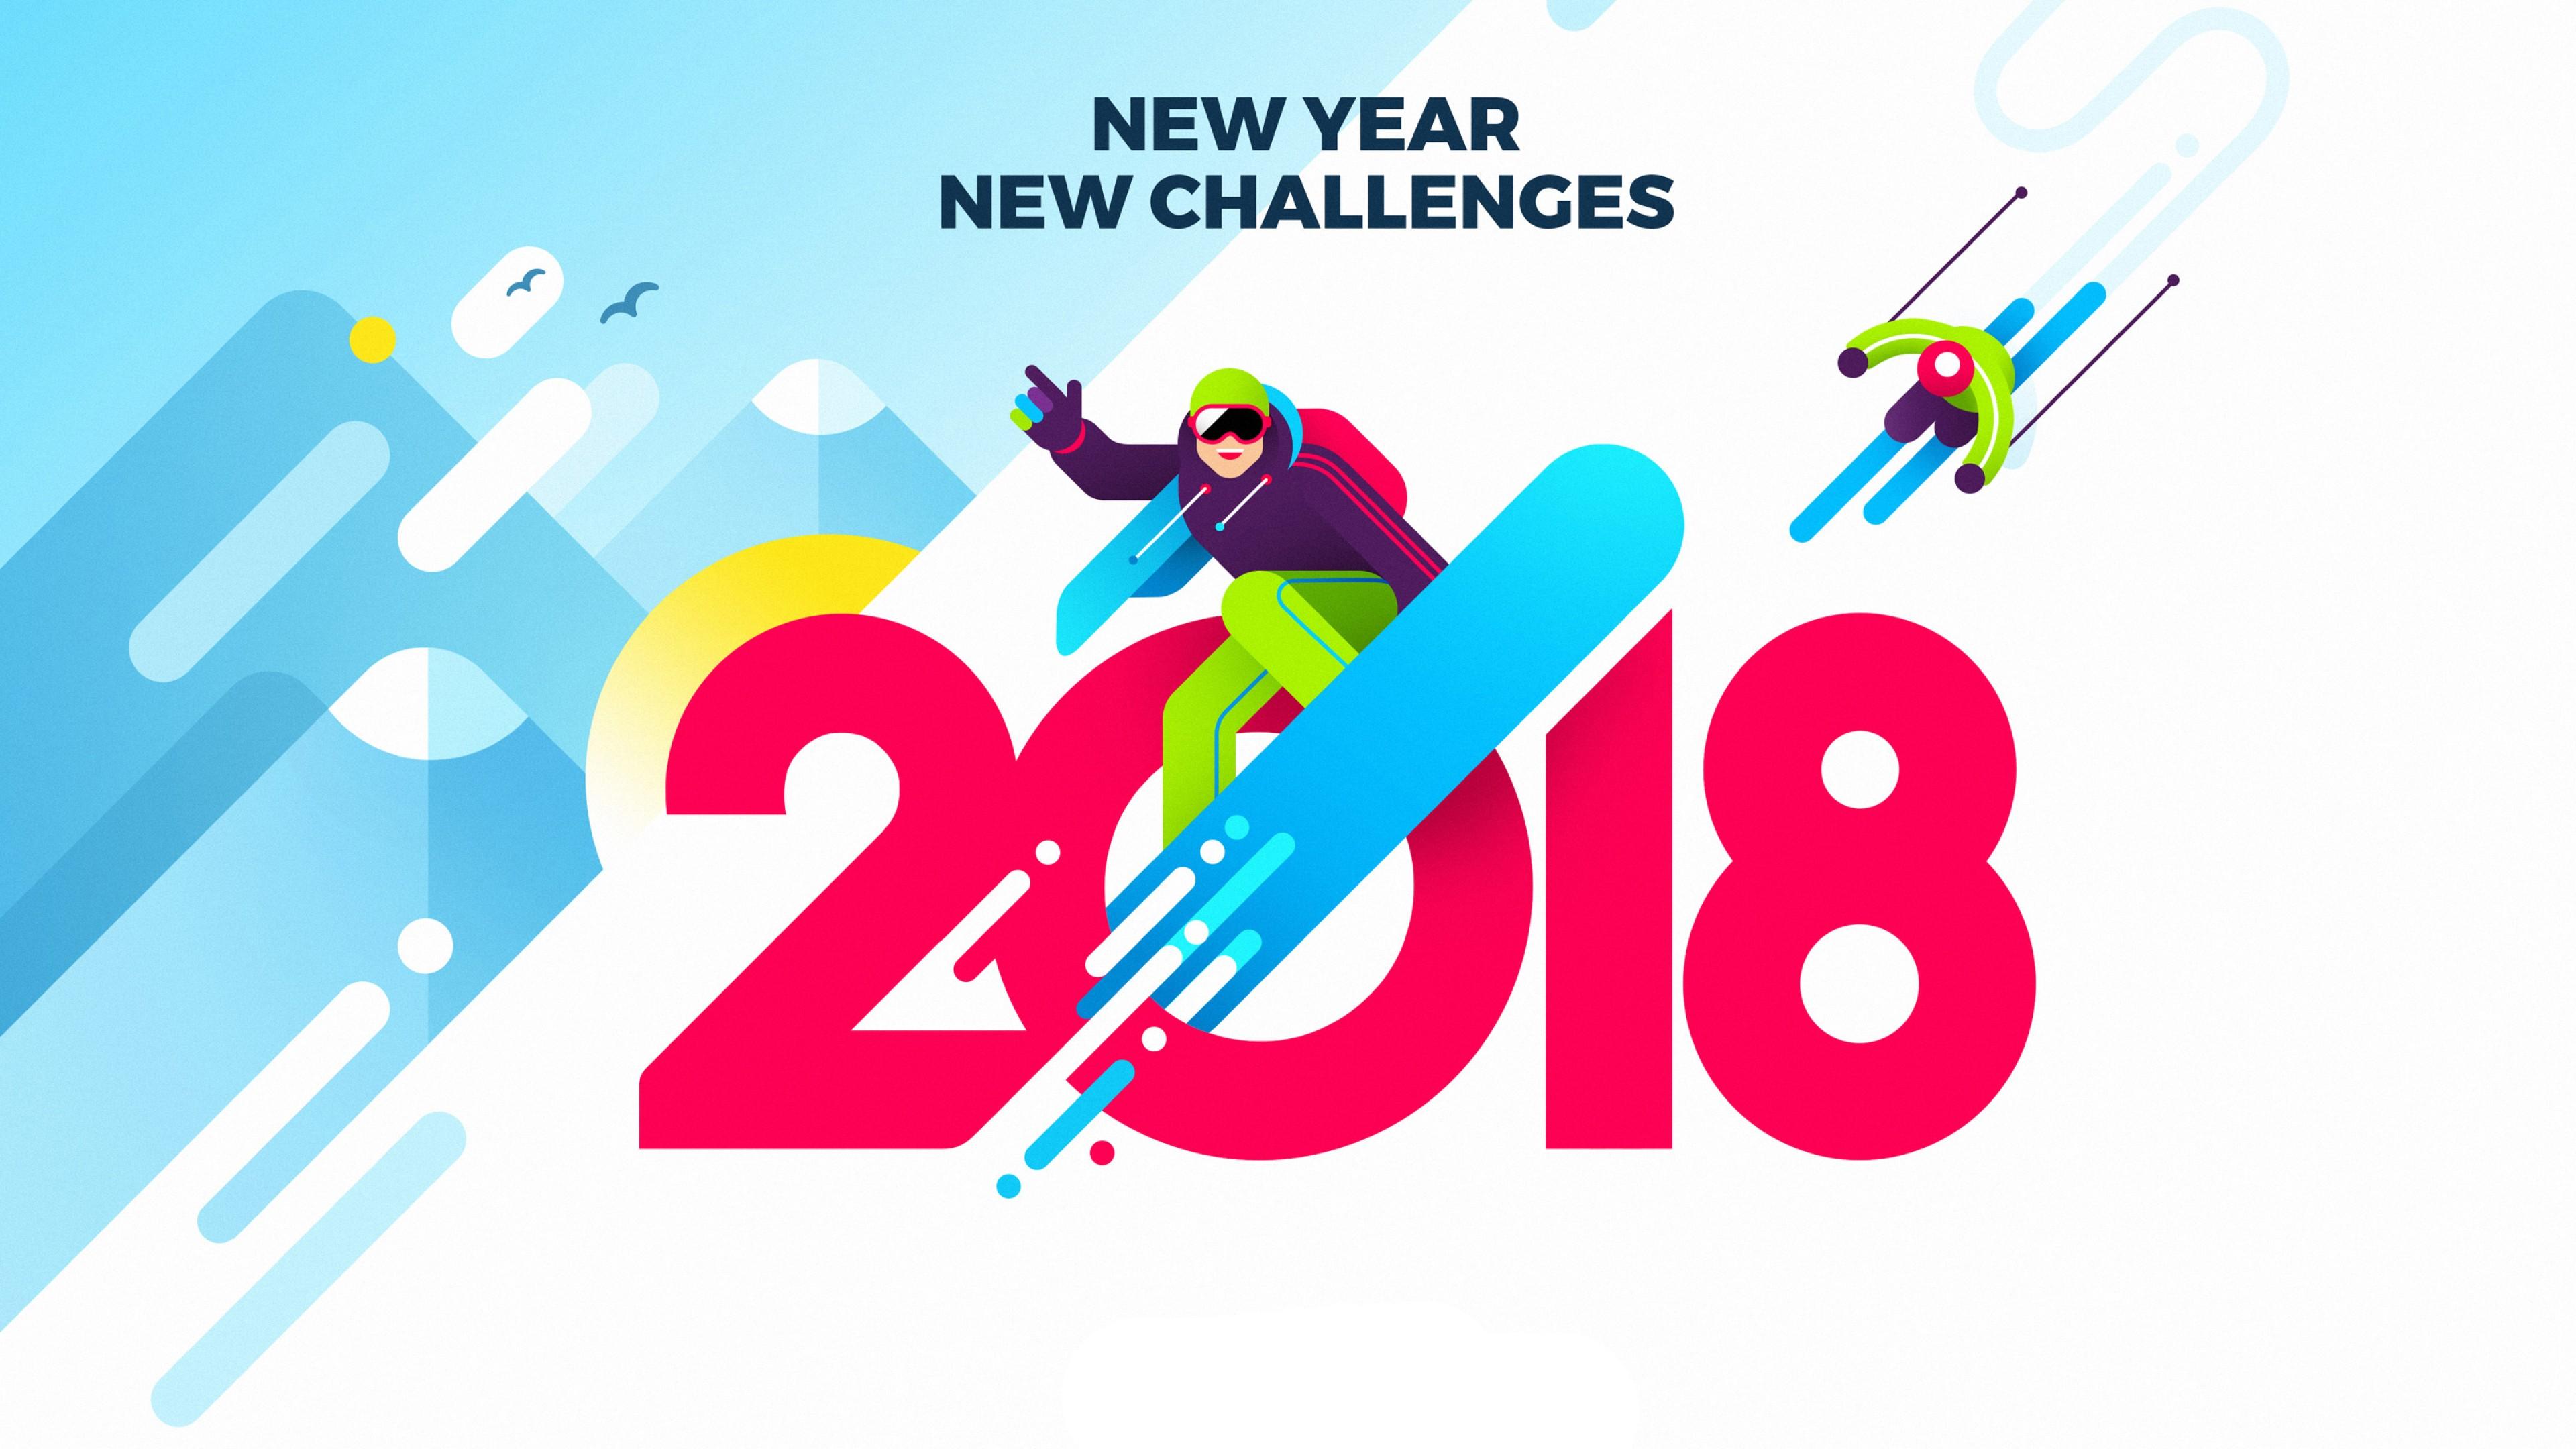 В Новый 2018 год с новыми достижениями в спорте